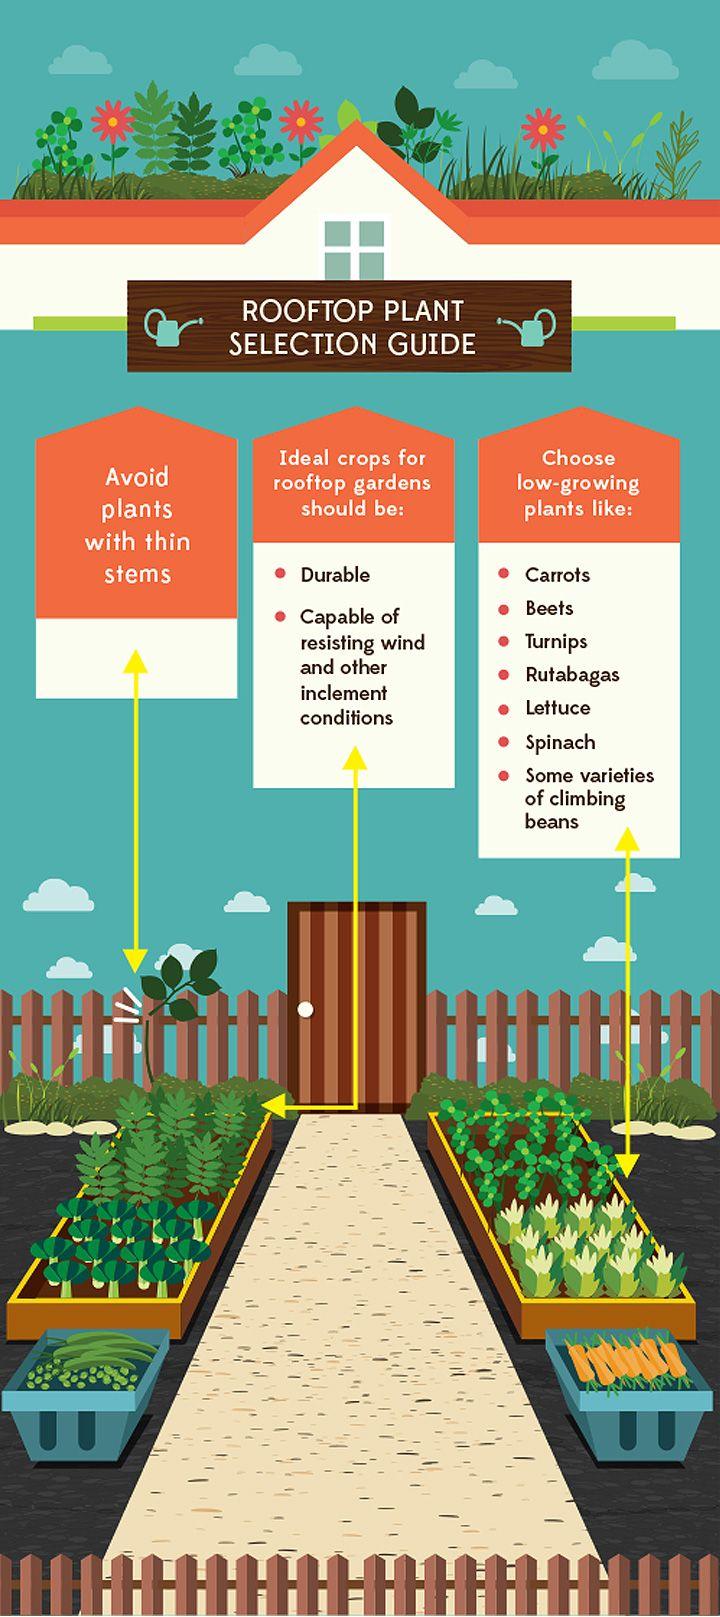 rooftop-garden roof preparation infographic | gardening | Pinterest ...